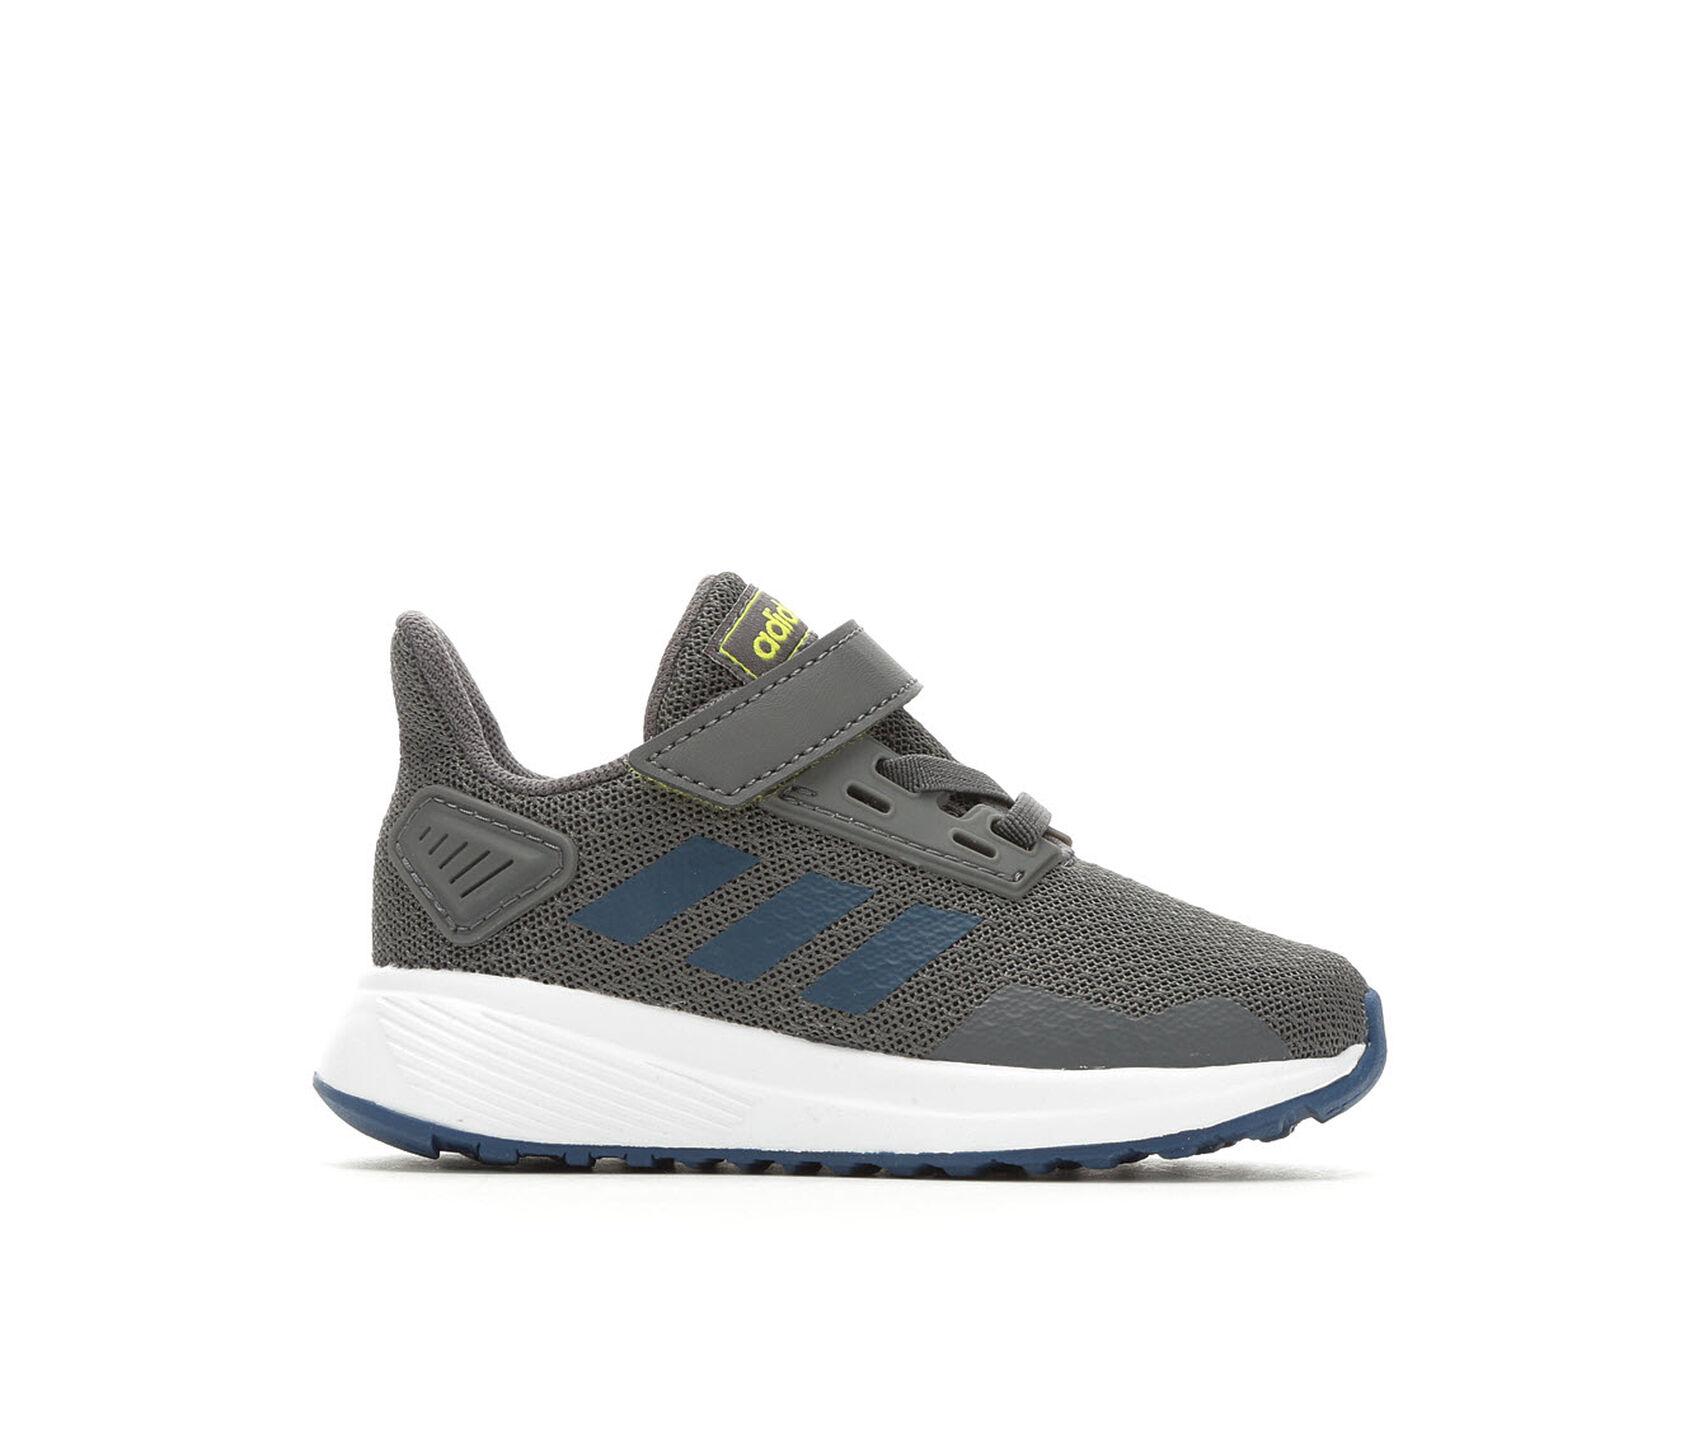 Boys' Adidas Infant & Toddler Duramo Athletic Shoes | Shoe ...